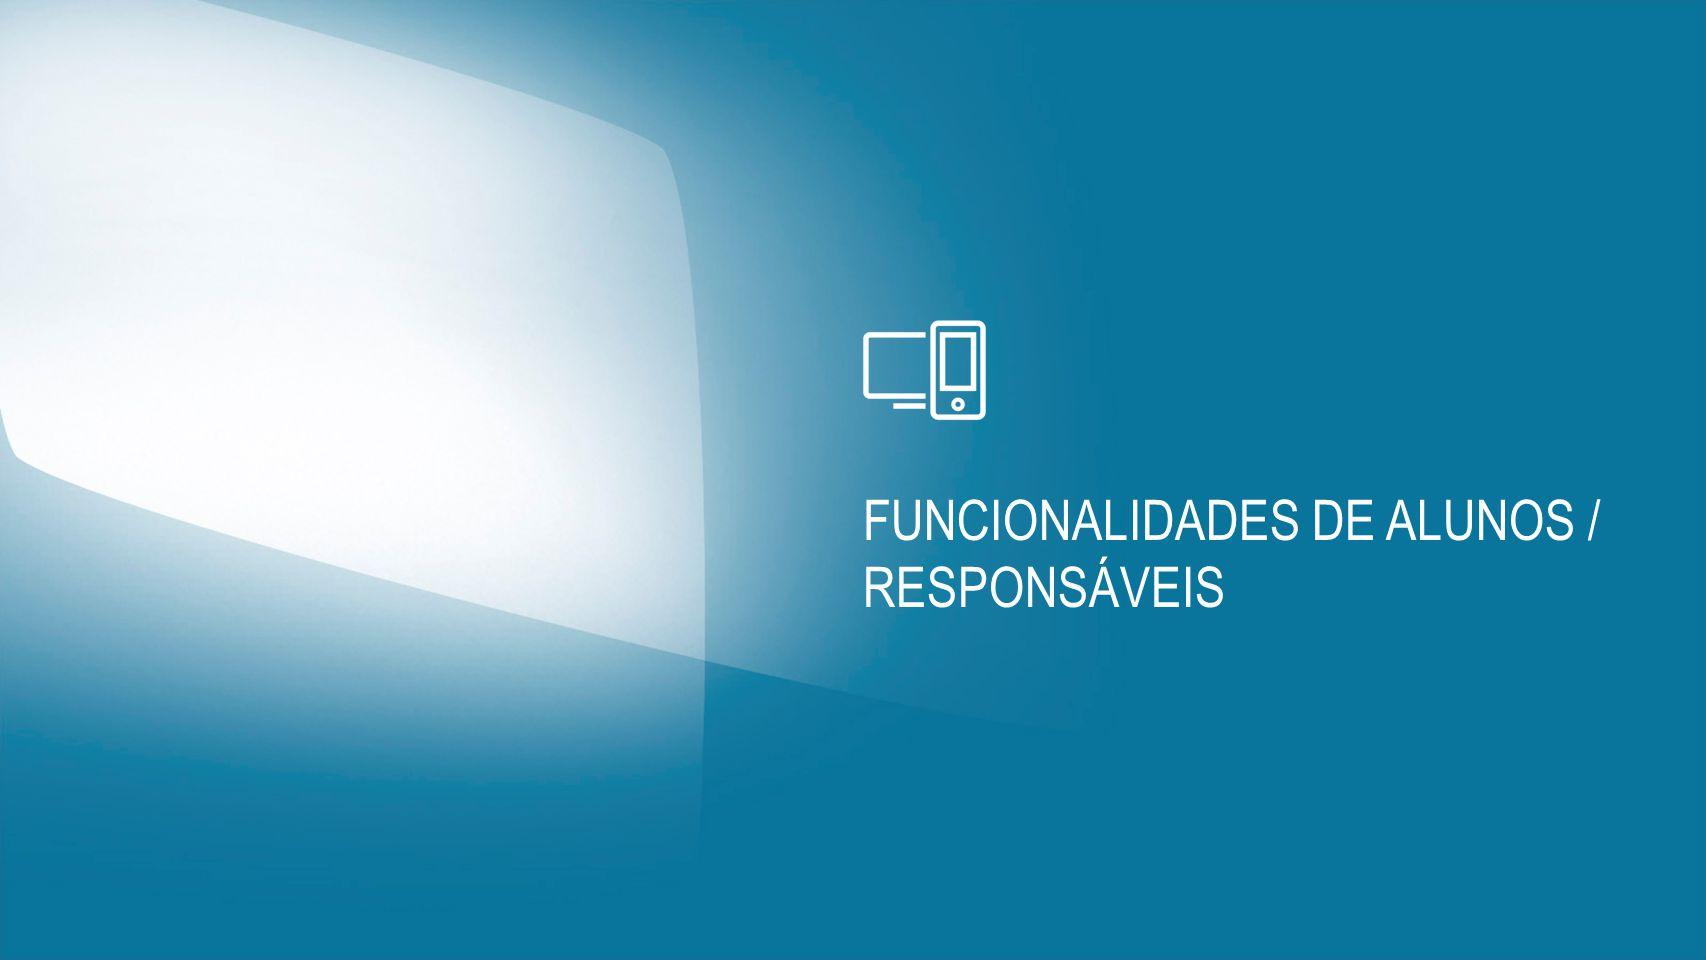 FUNCIONALIDADES DE ALUNOS / RESPONSÁVEIS